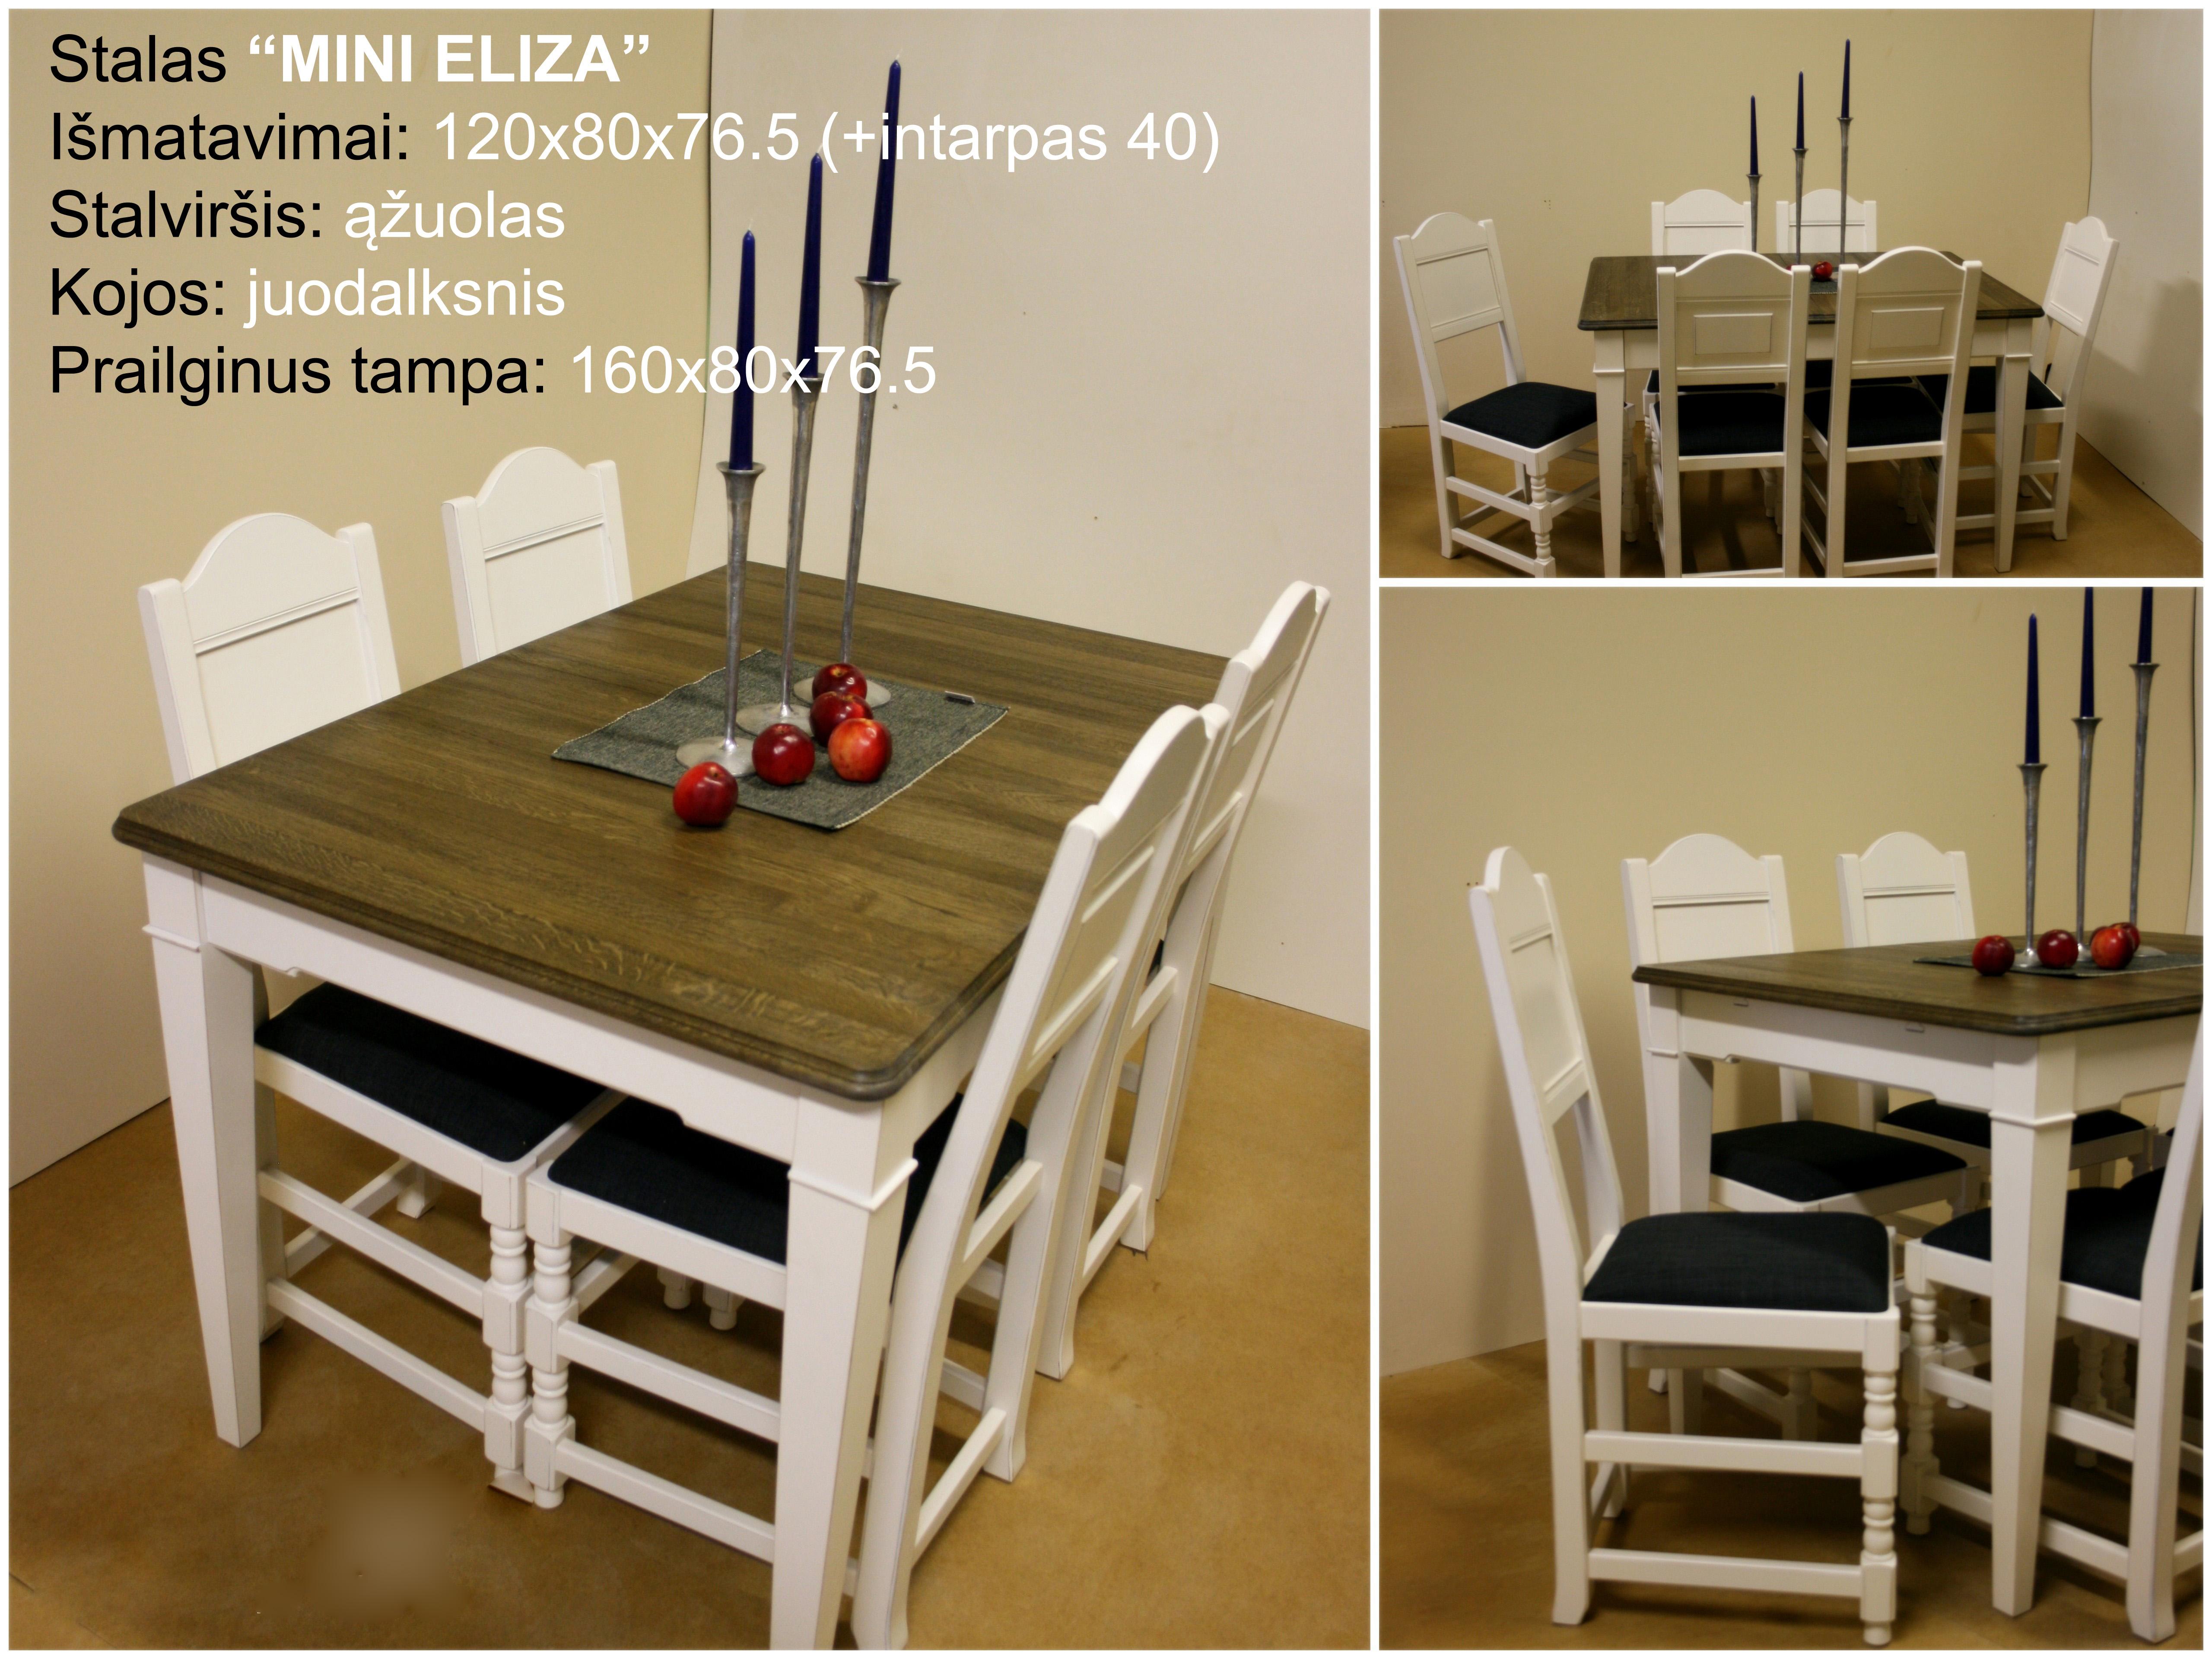 Mini_Eliza no price